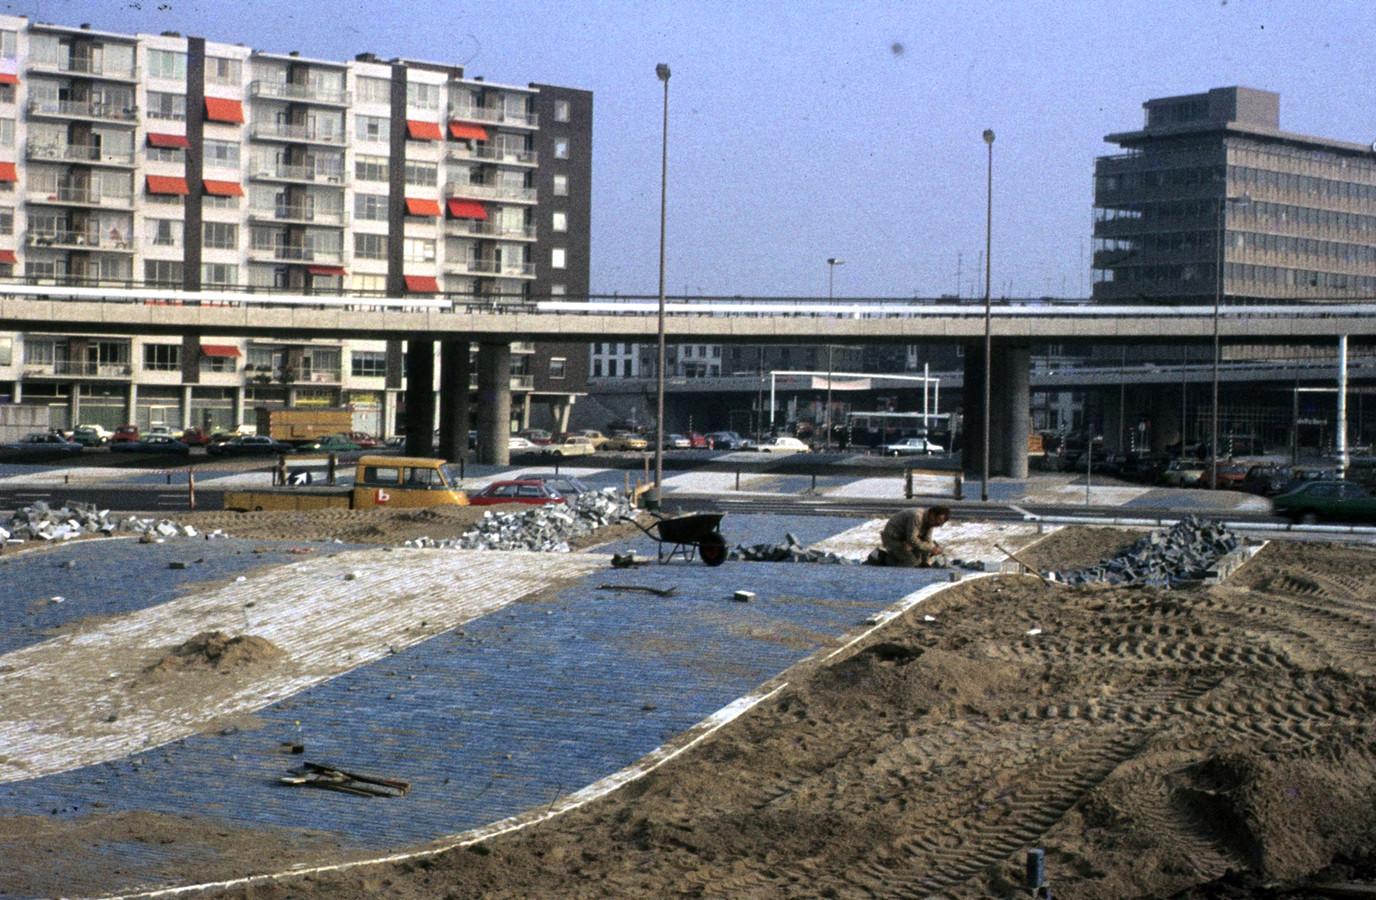 De 'Blauwe golven' bij de aanleg in 1978.